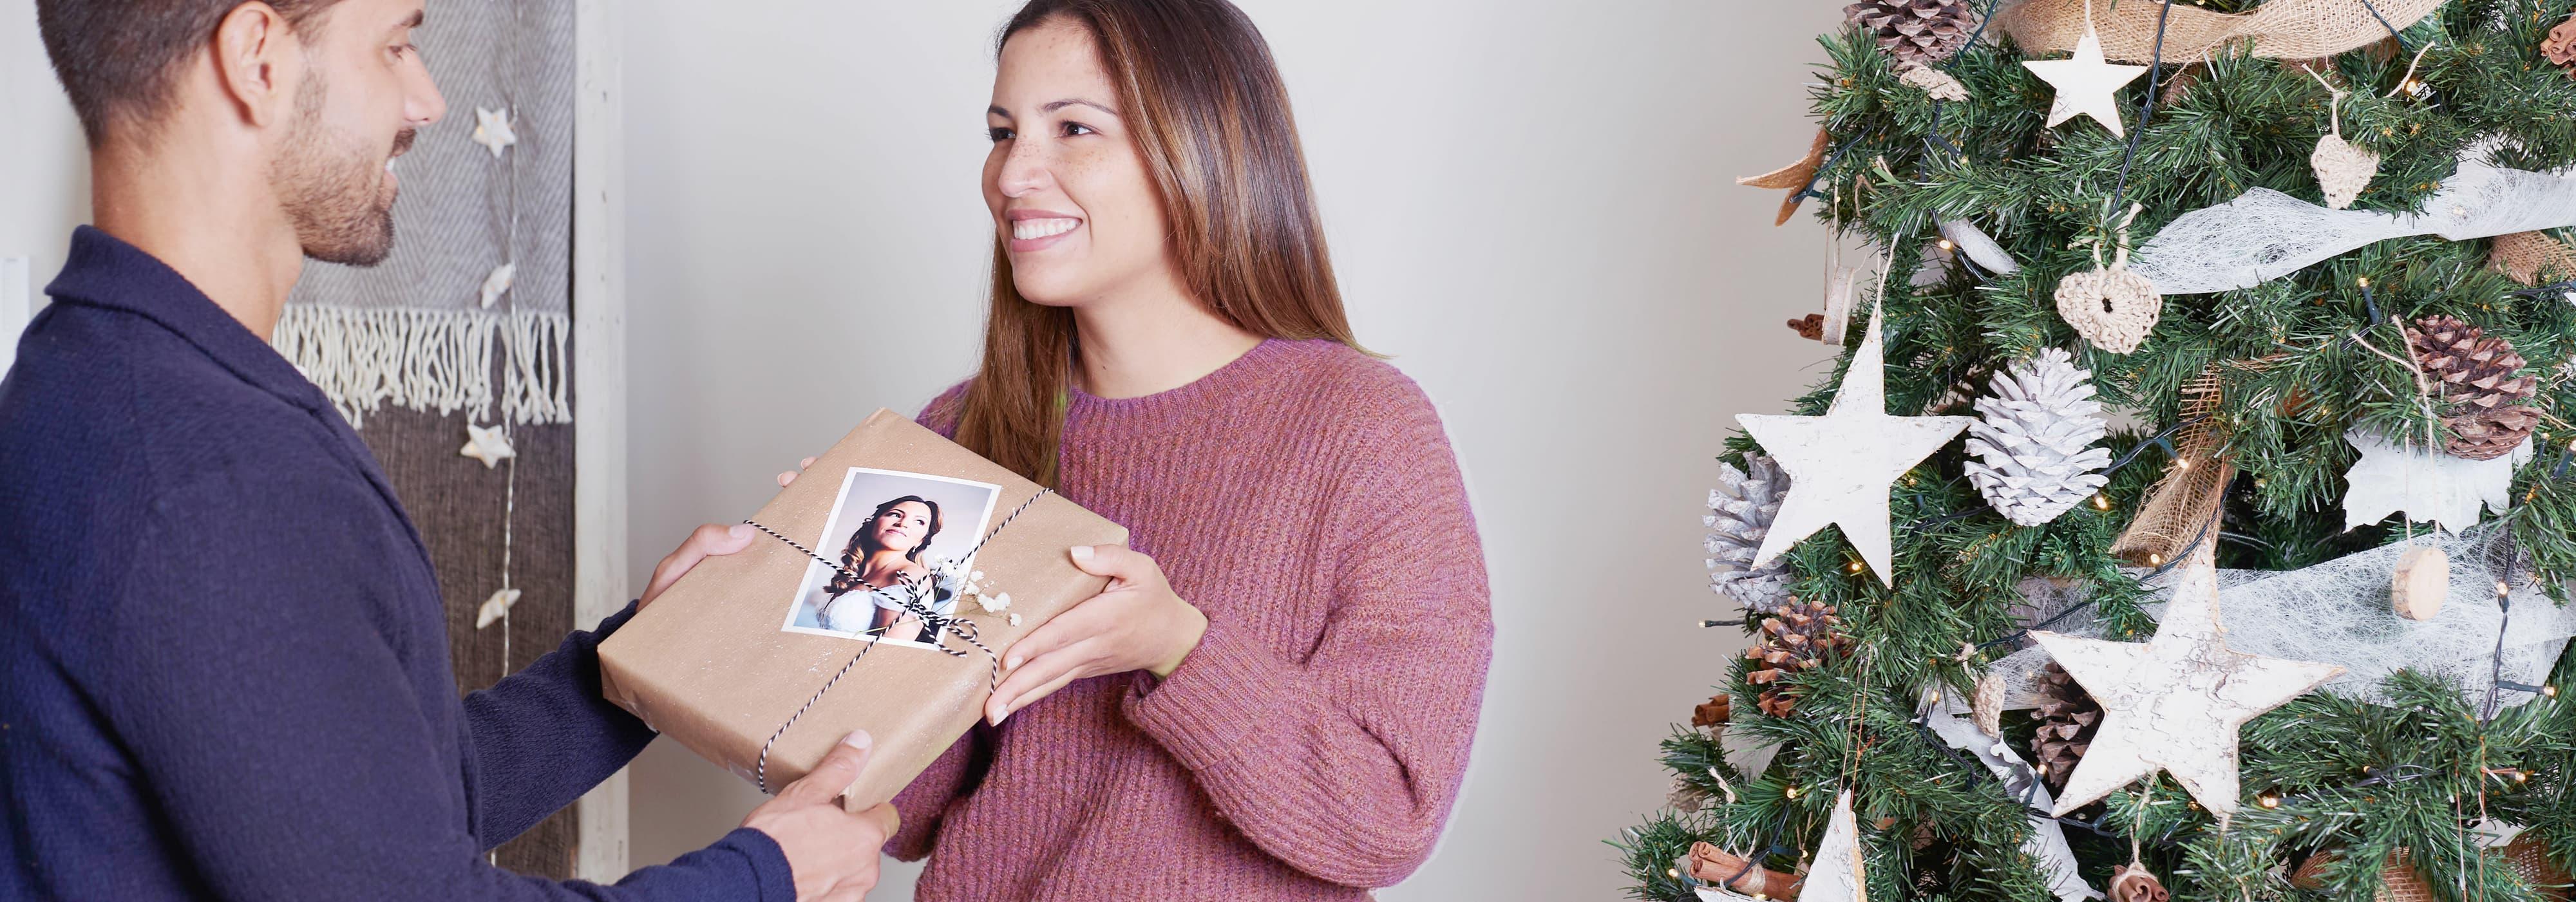 regalos Navidad 2019